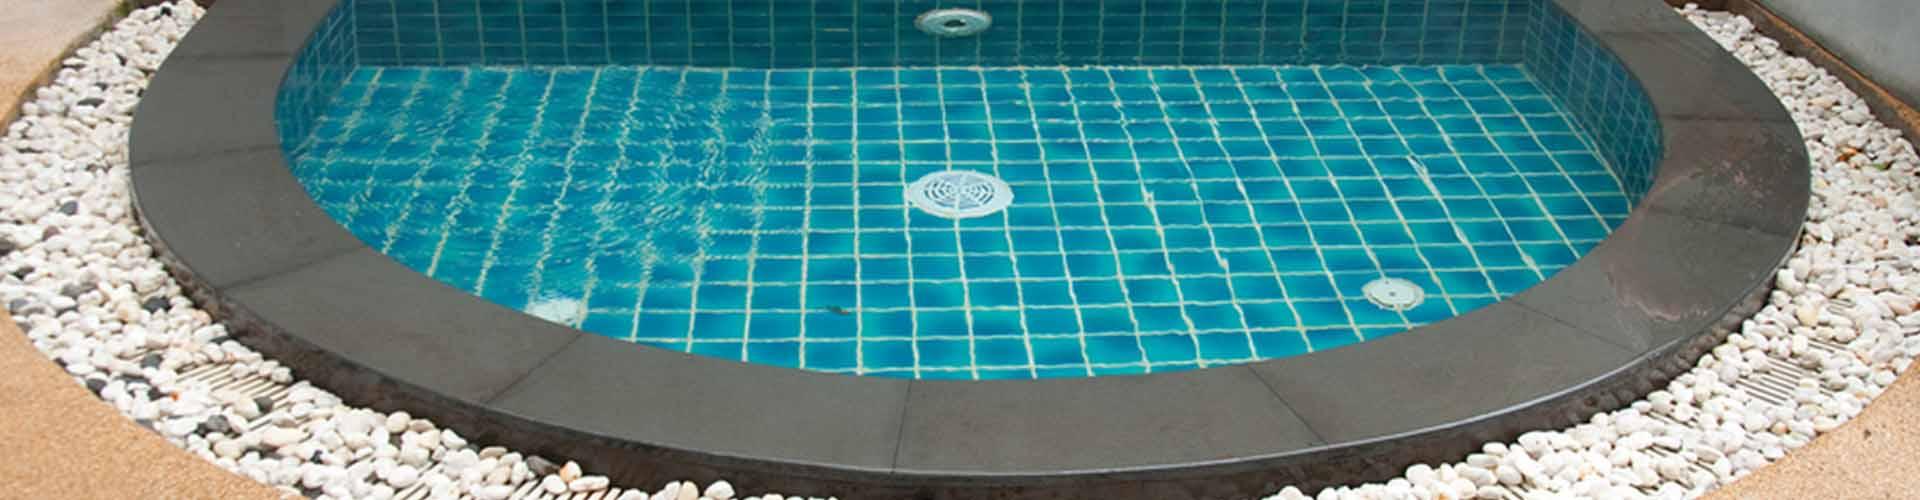 Full Size of Mini Pool Kaufen Online Gfk Garten Vorteile Big Sofa Günstig Betten Fenster In Polen Outdoor Küche Velux Einbauküche Dusche Bett Im Bauen Verkaufen Stengel Wohnzimmer Mini Pool Kaufen